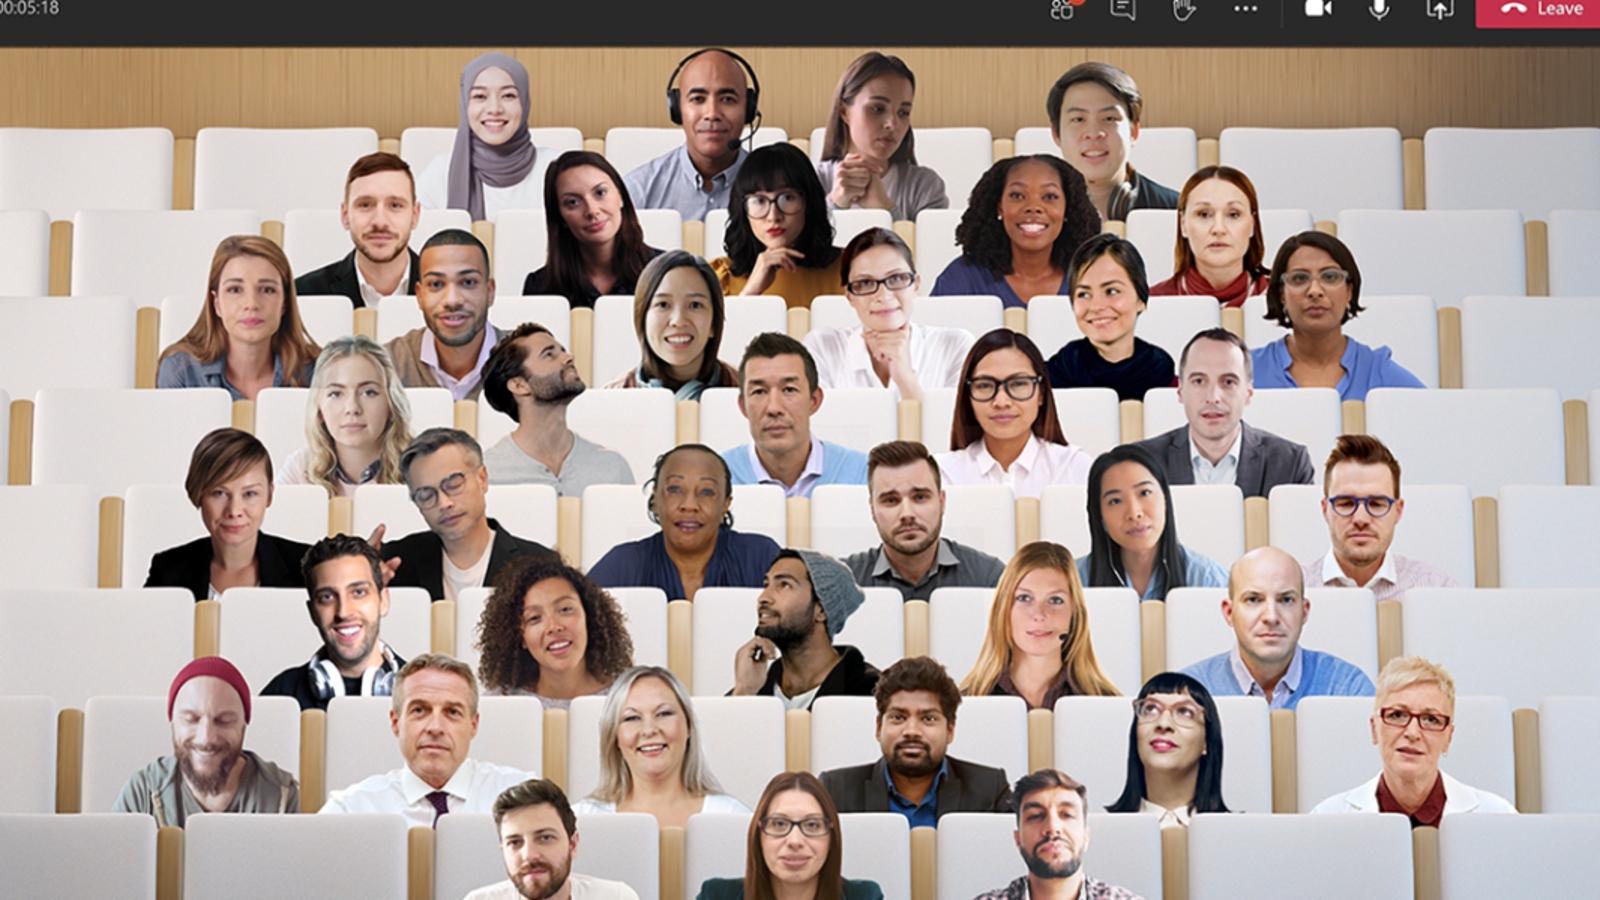 """Microsoft Teams réinvente le travail d'équipe en visio, avec le monde """"Together"""""""